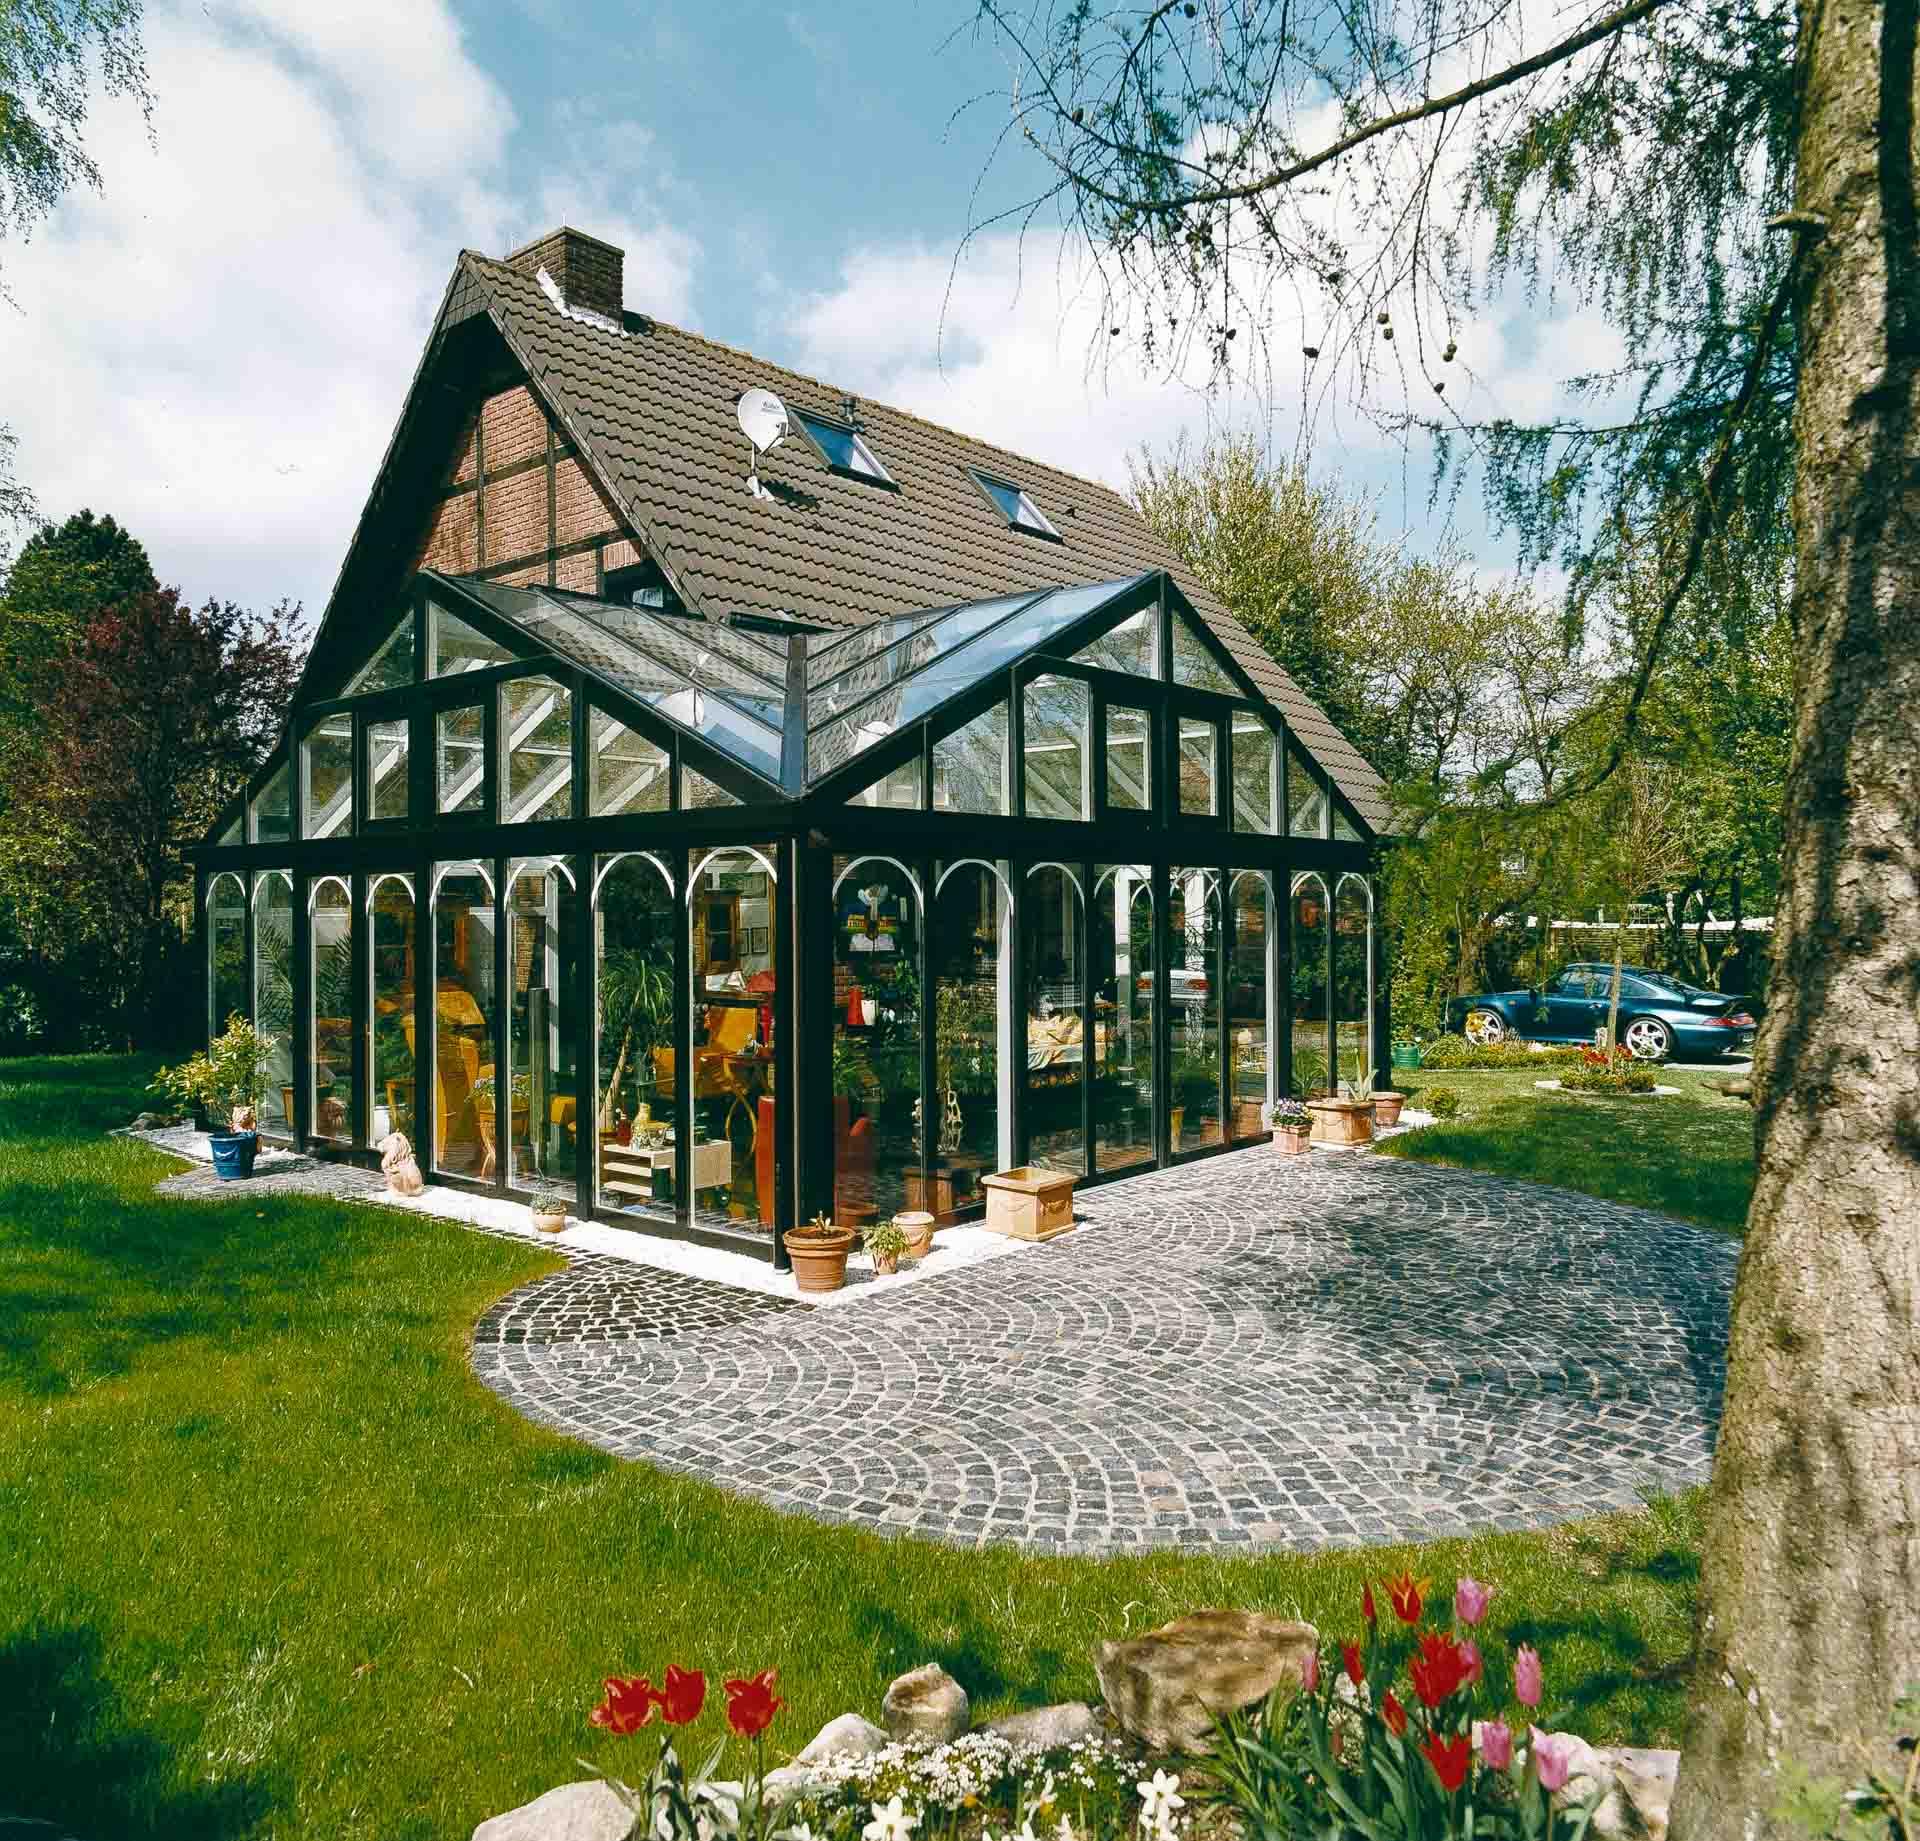 Wintergarten in Rosendahl (Objekt 614). Moderne Baustoffe in historisch anmutender Gestaltung